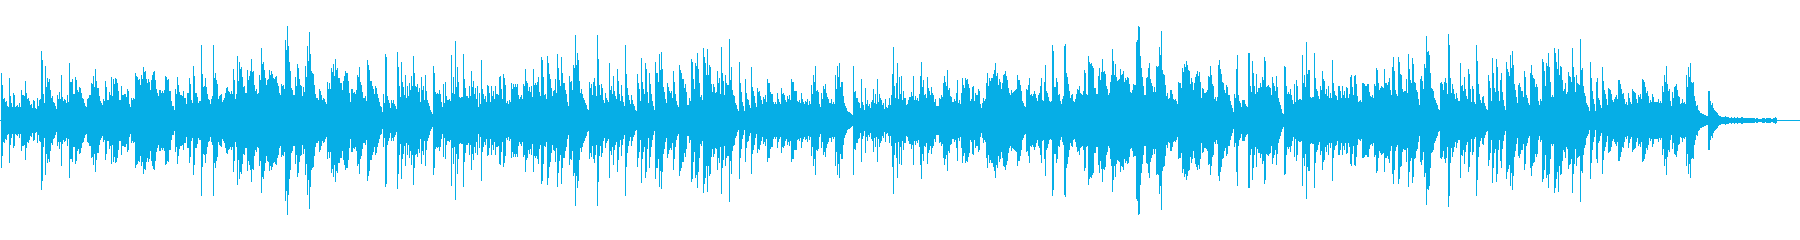 やさしい3拍子のピアノ曲_0327の再生済みの波形